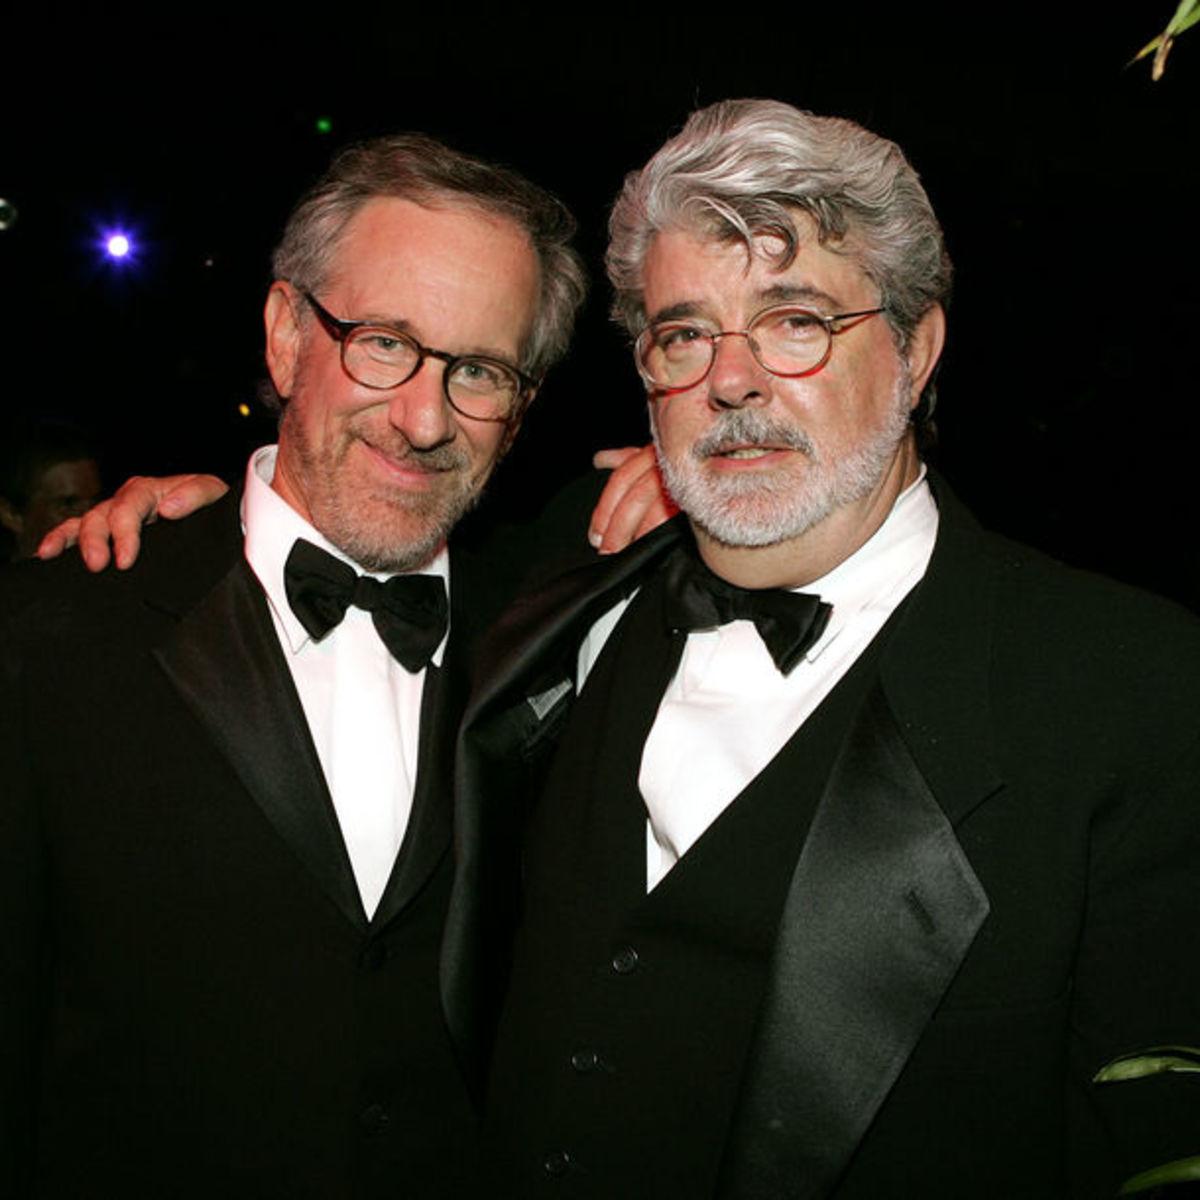 Steven-Spielberg-George-Lucas.jpg